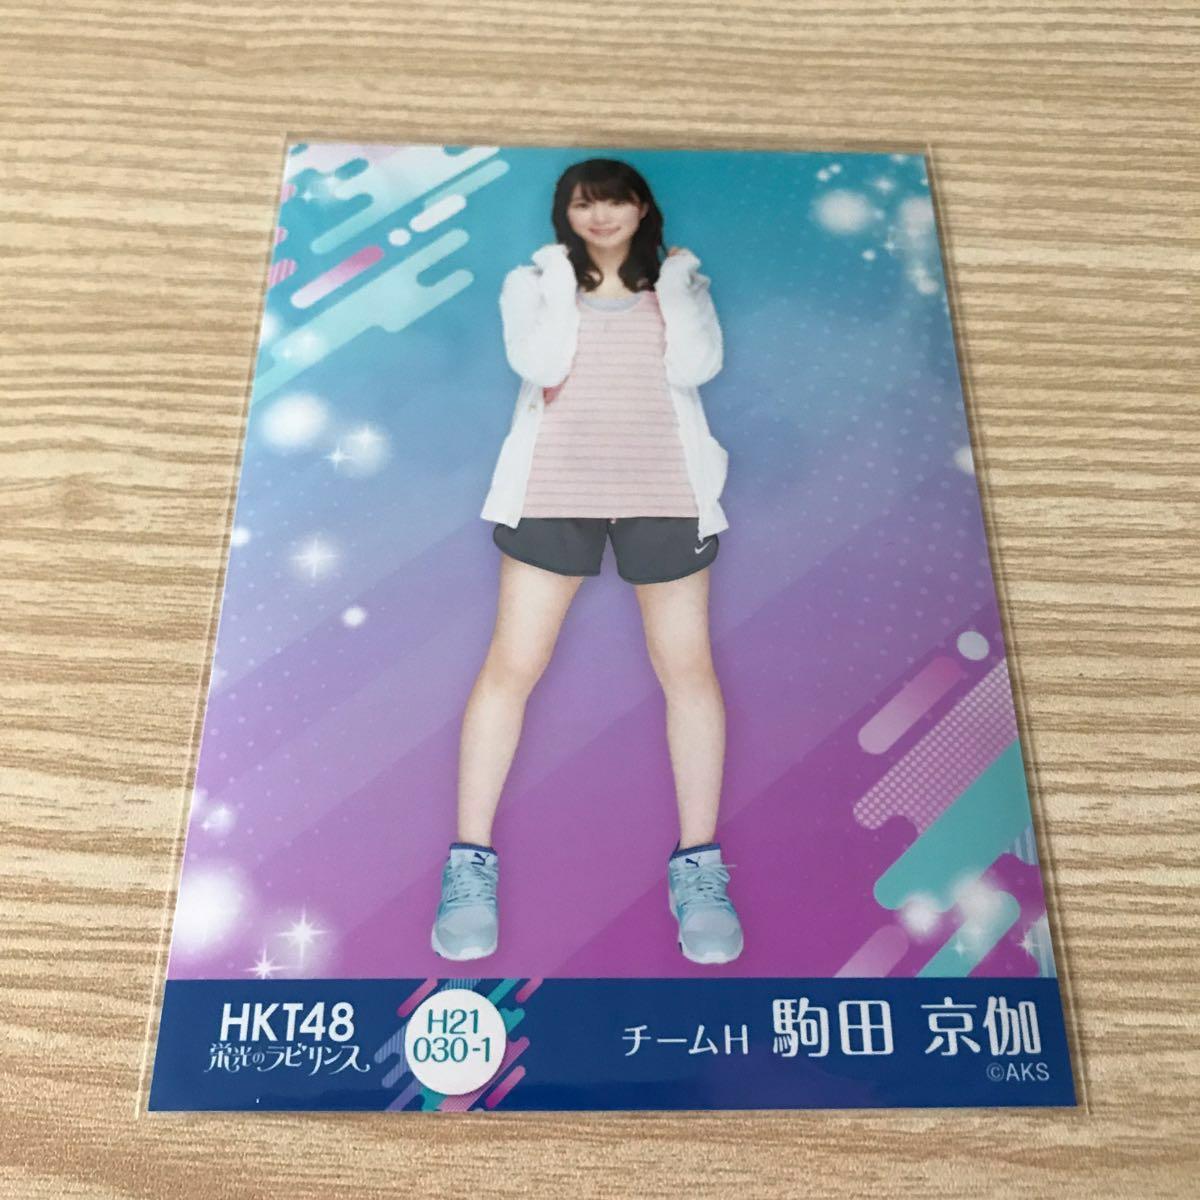 駒田京伽 HKT48 栄光のラビリンス 第21弾 生写真 ヒキ